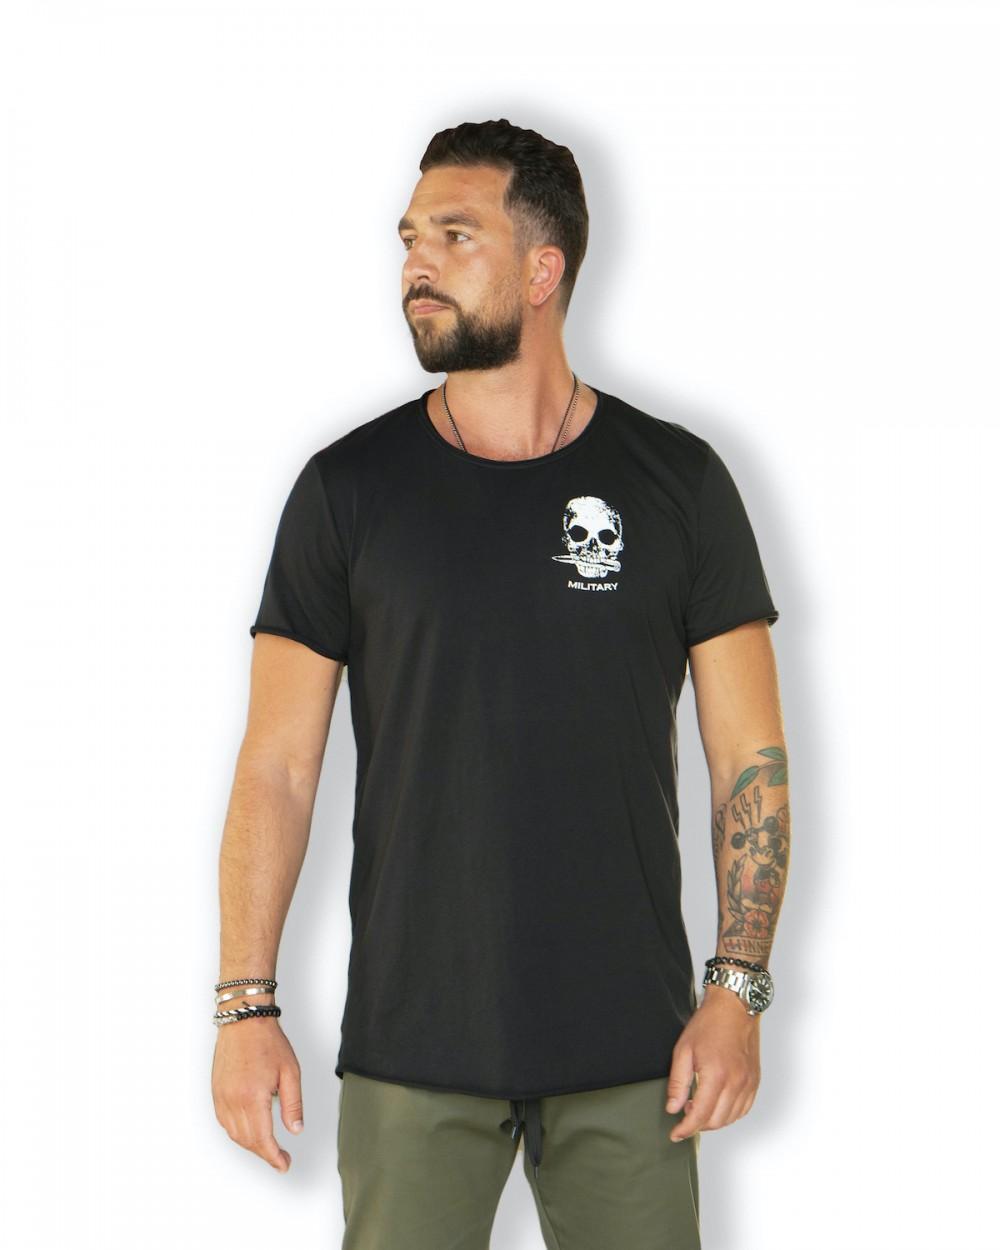 t-shirt czarny z czaszką Military skull